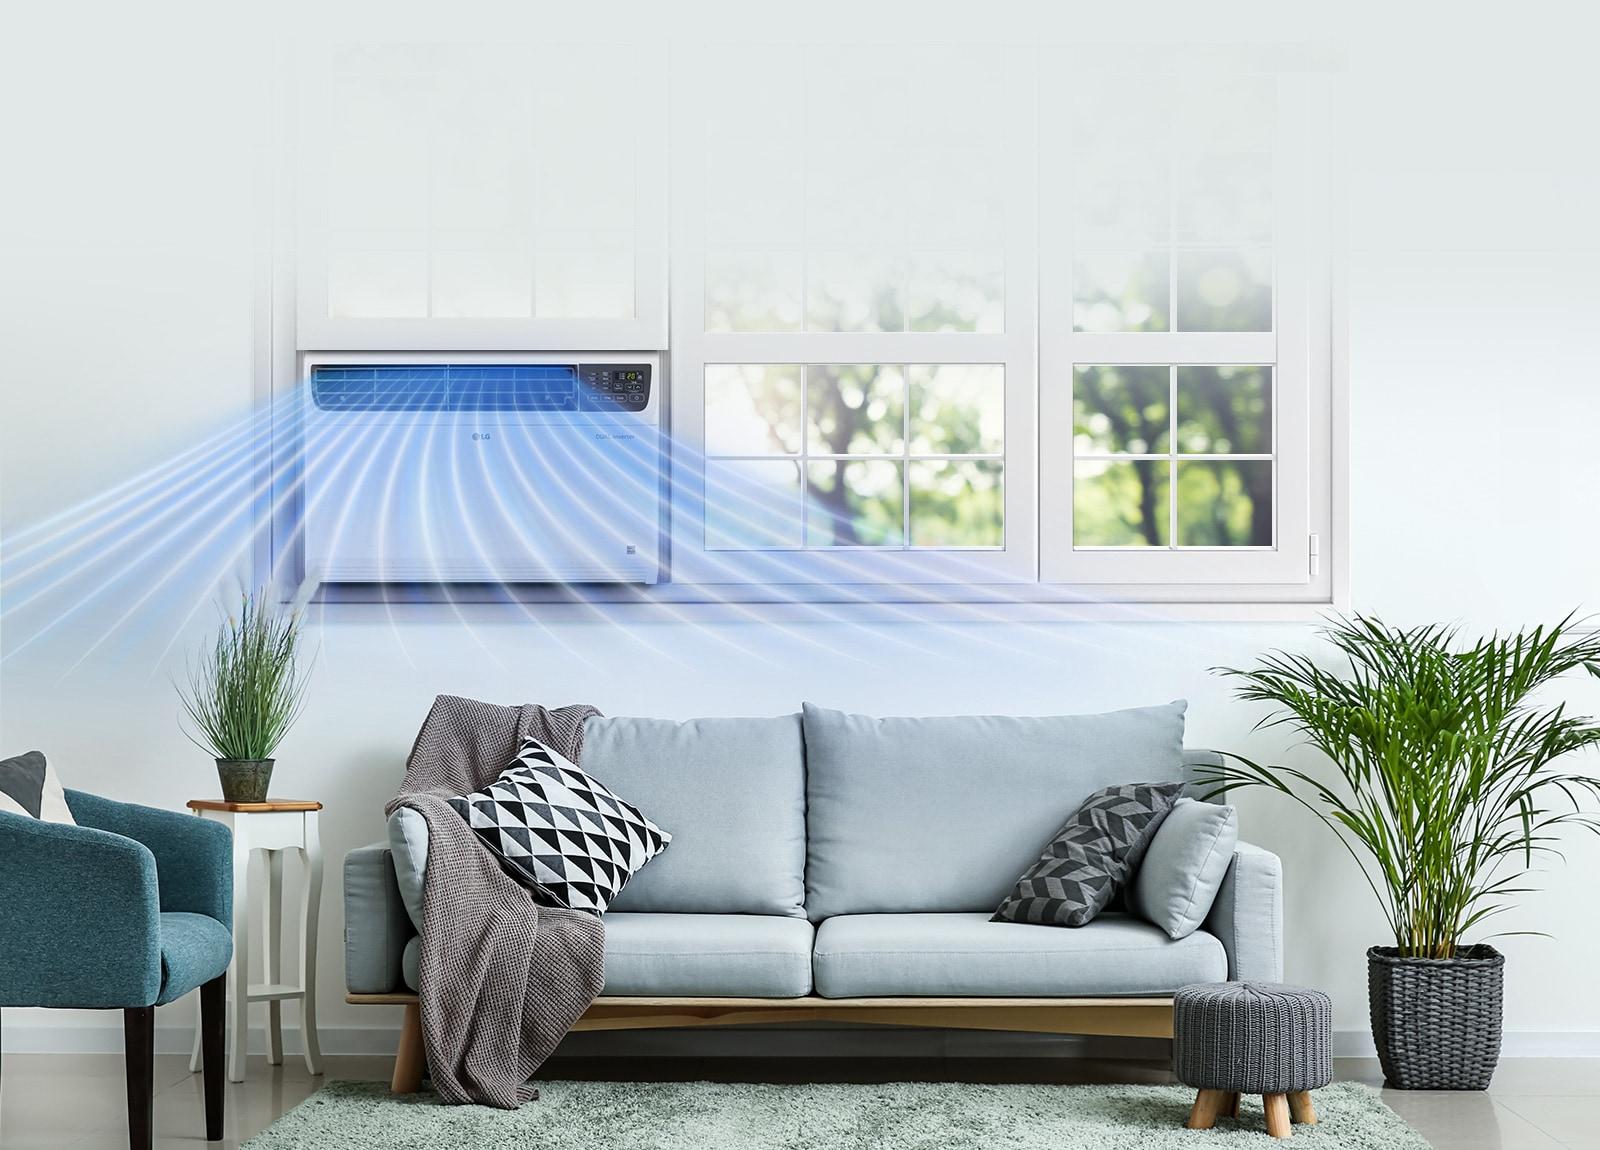 LG JW-Q18WUXA1 maximum cooling